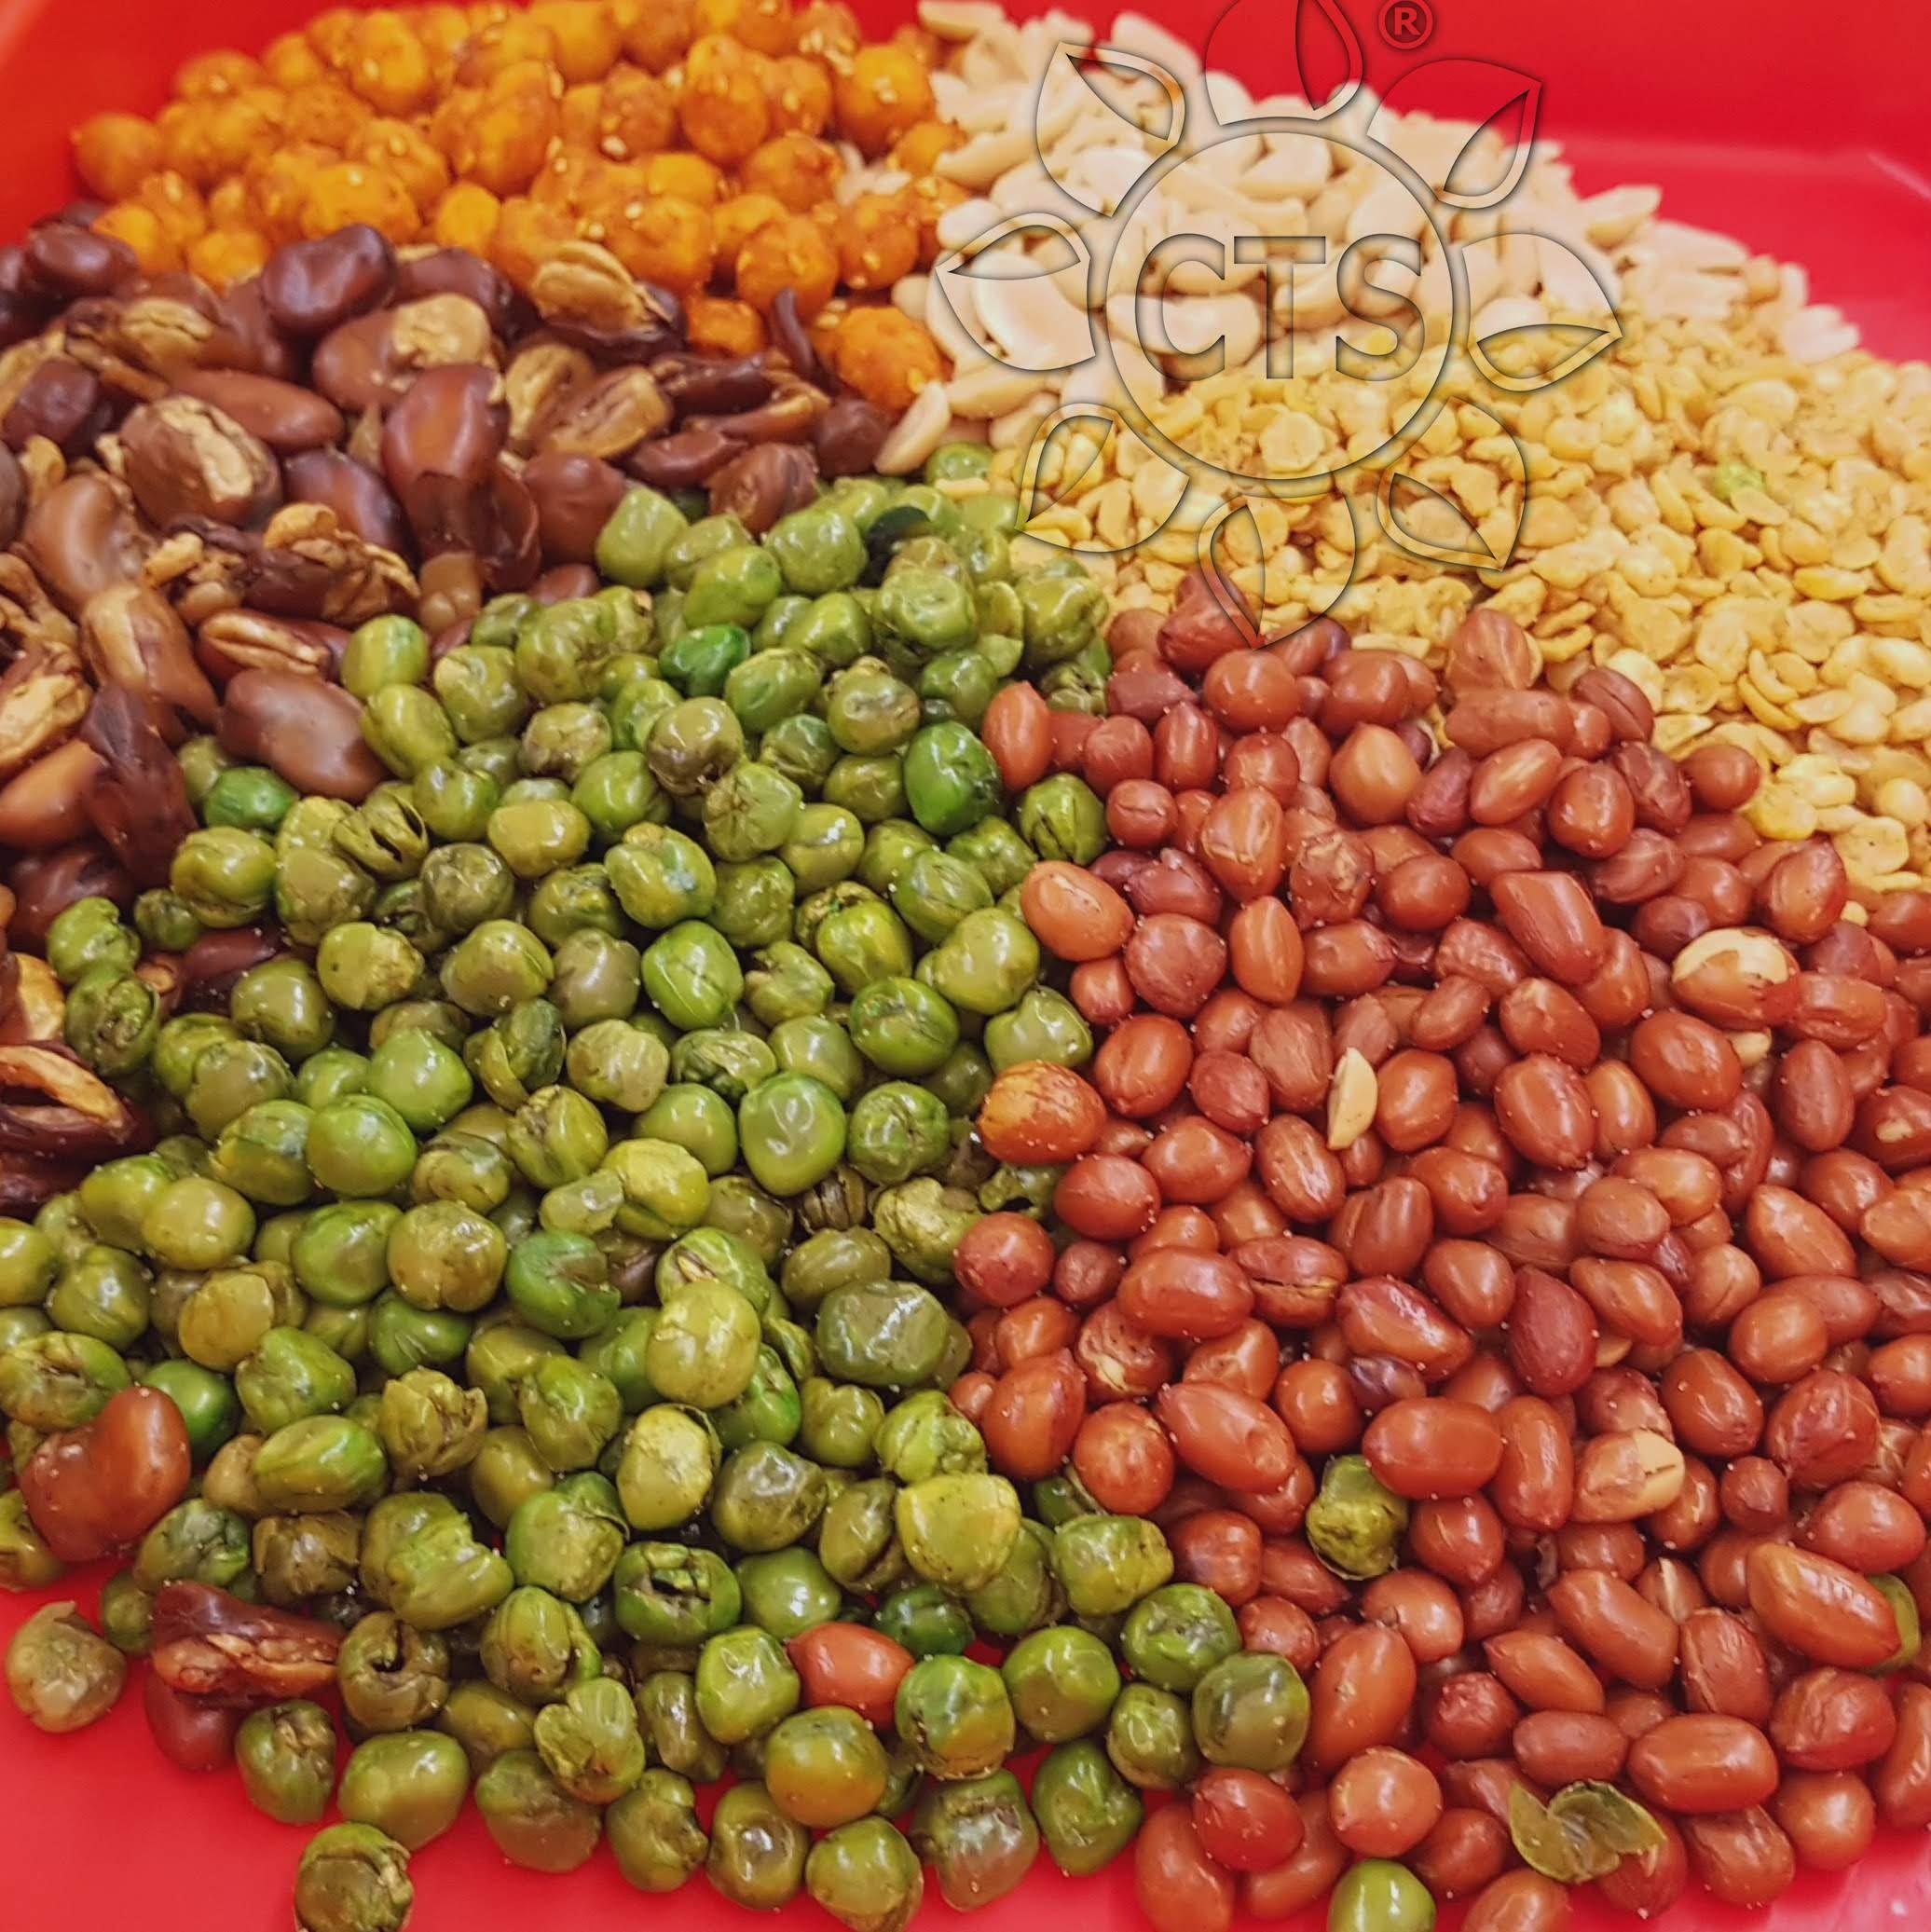 Cts Kacang Puteh Buntong Producer Of Traditional Kacang Puteh